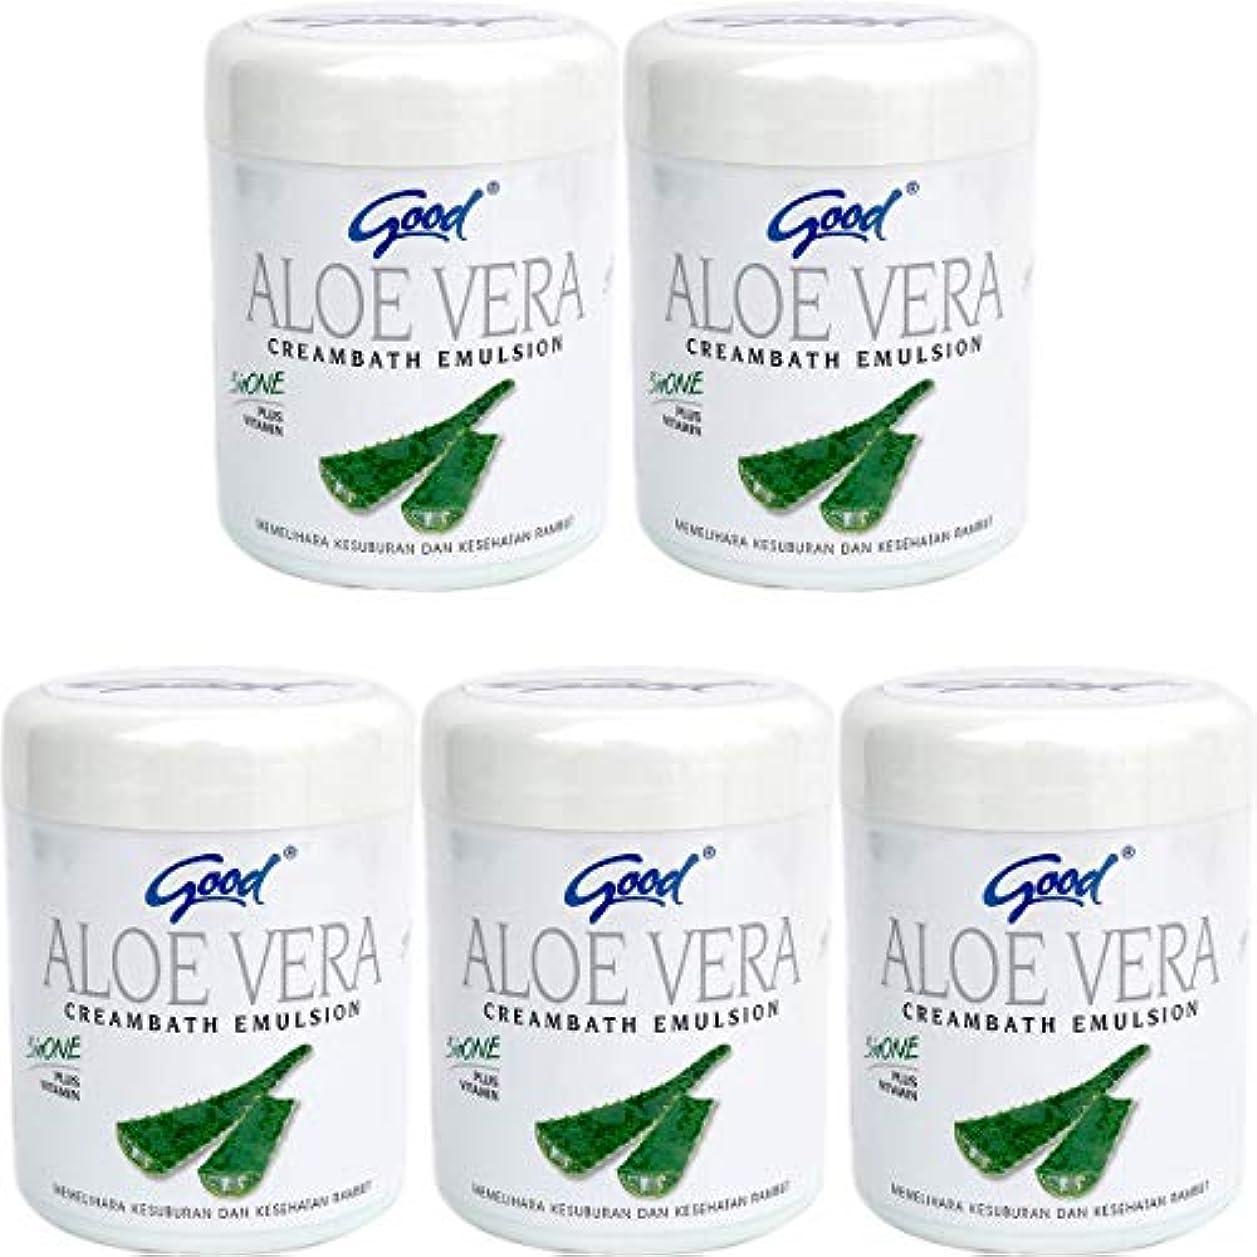 生き残り急速な薬good グッド インドネシアバリ島の伝統的なヘッドスパクリーム Creambath Emulsion クリームバス エマルション 680g × 5個 AloeVera アロエベラ [海外直送品]